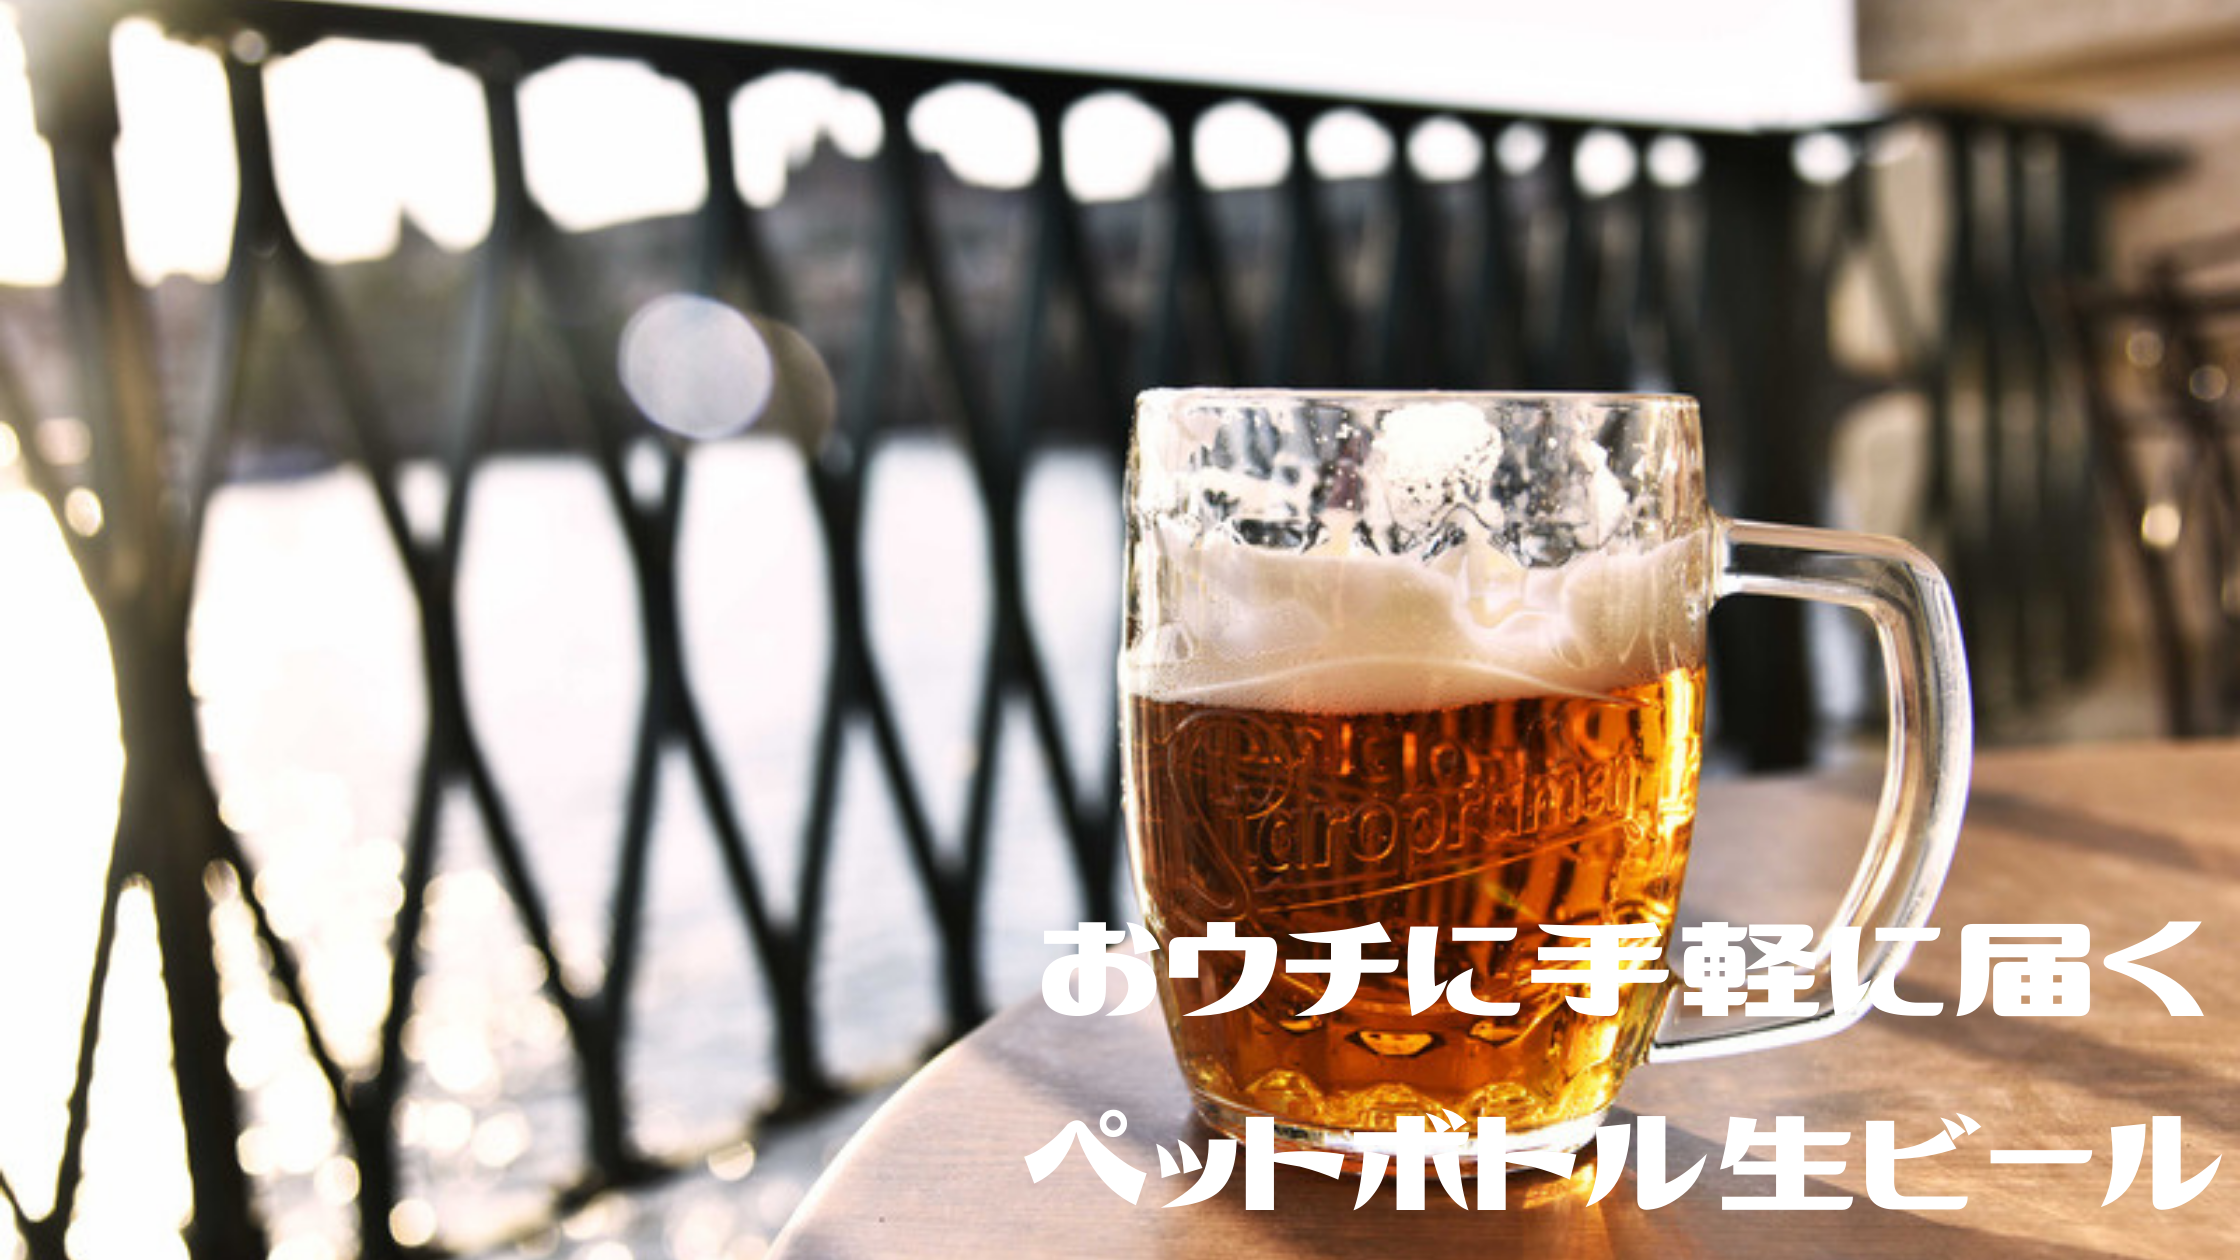 【ペットボトル生ビール】 味の劣化を防ぐボトルで手軽に生ビールをテイクアウト